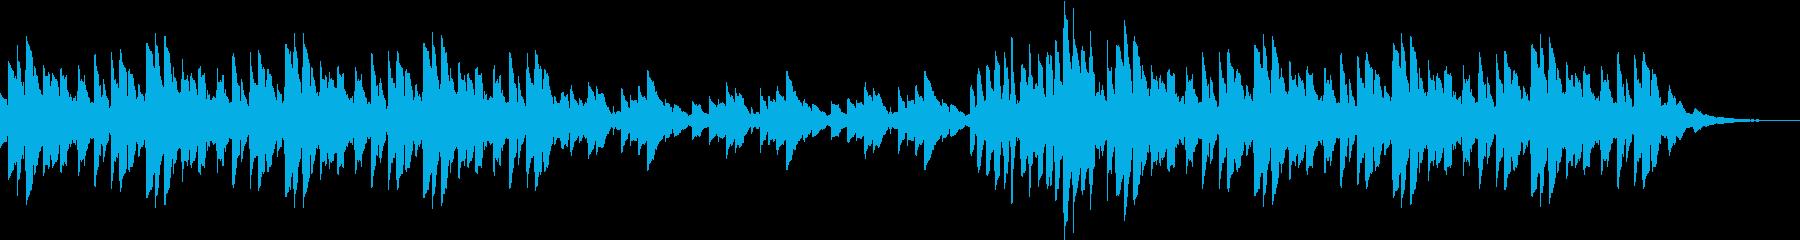 ドリーミーなベルによるオルゴールの再生済みの波形